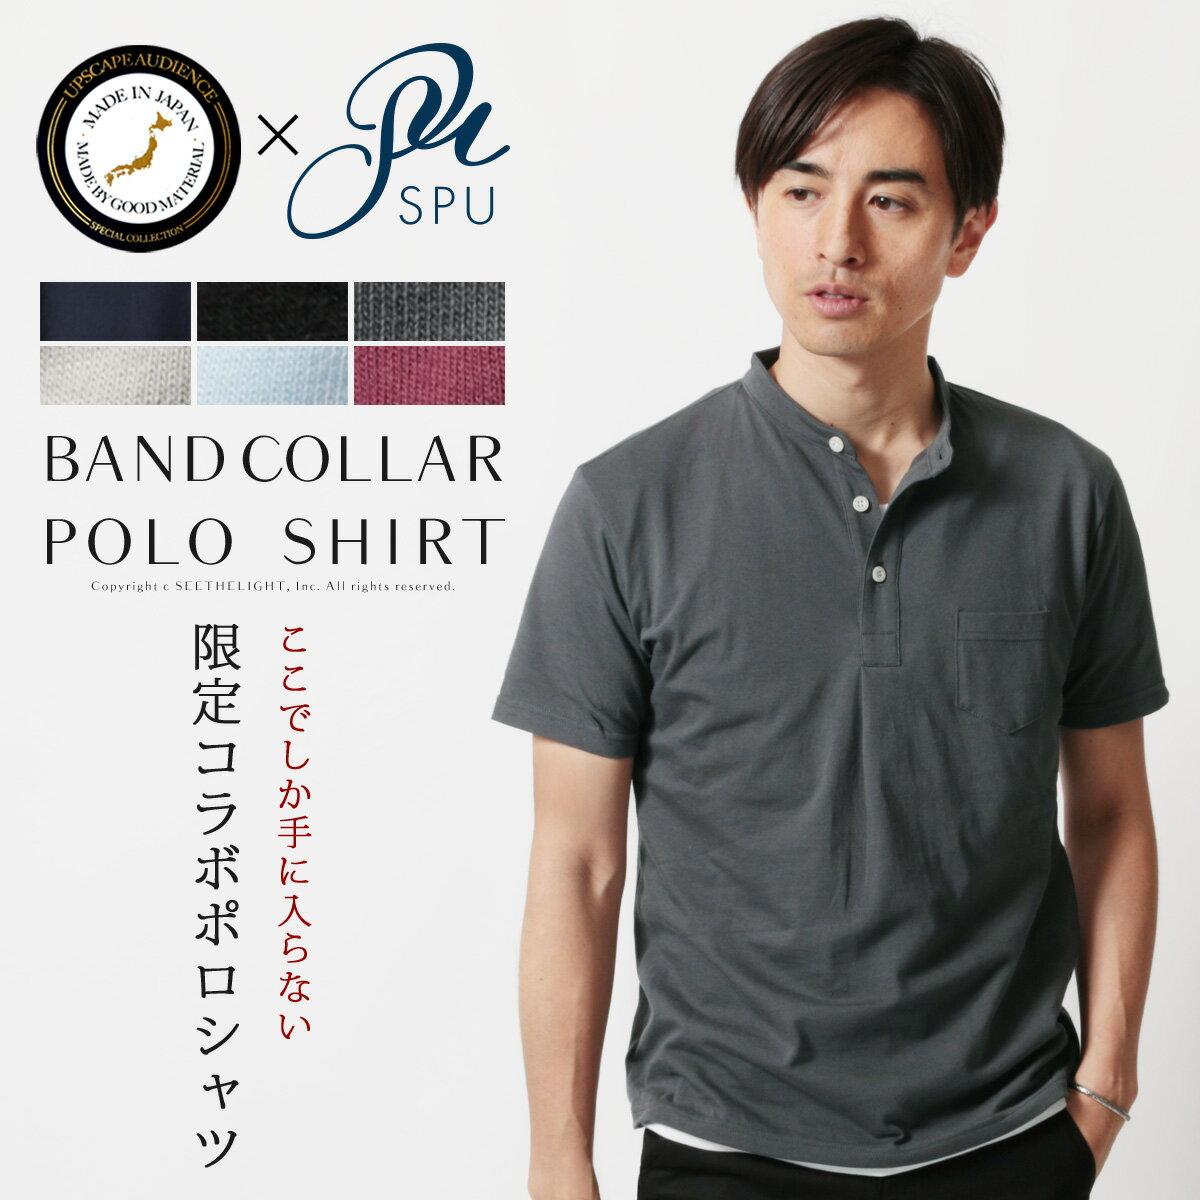 ポロシャツ メンズ 父の日ギフト 日本製 SPU別注 30コーマ 天竺 バンドカラー 半袖 ポロシャツ Upscape Audience SPU